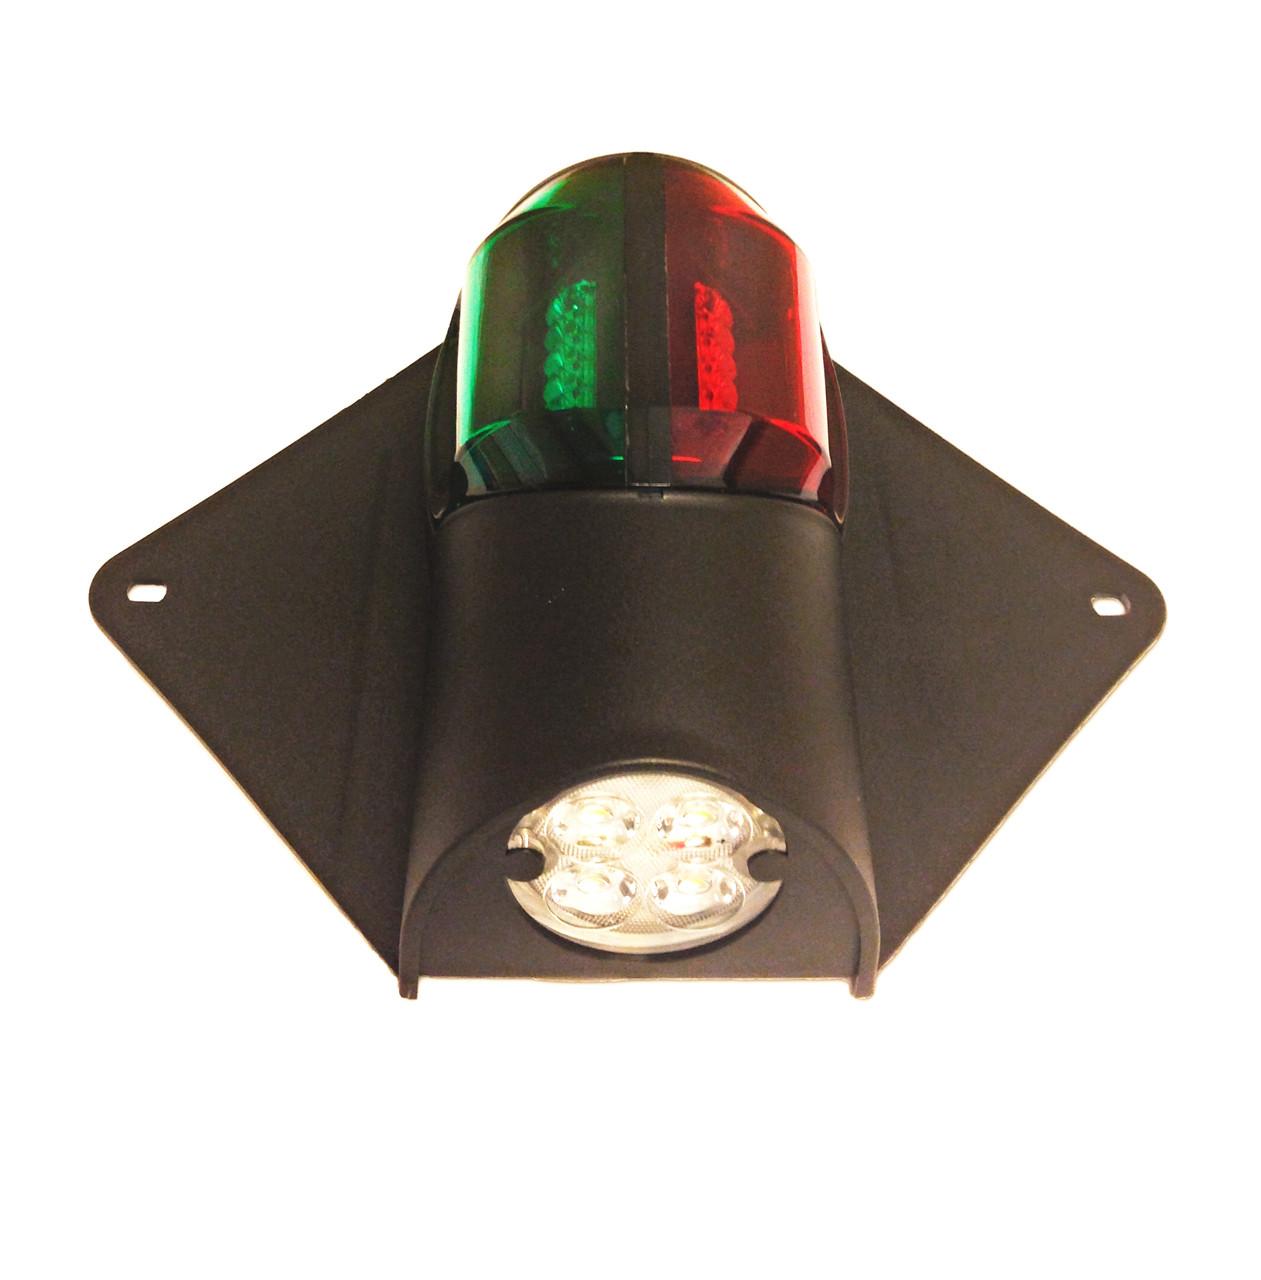 Beneteau Running Light/Deck Light Combo